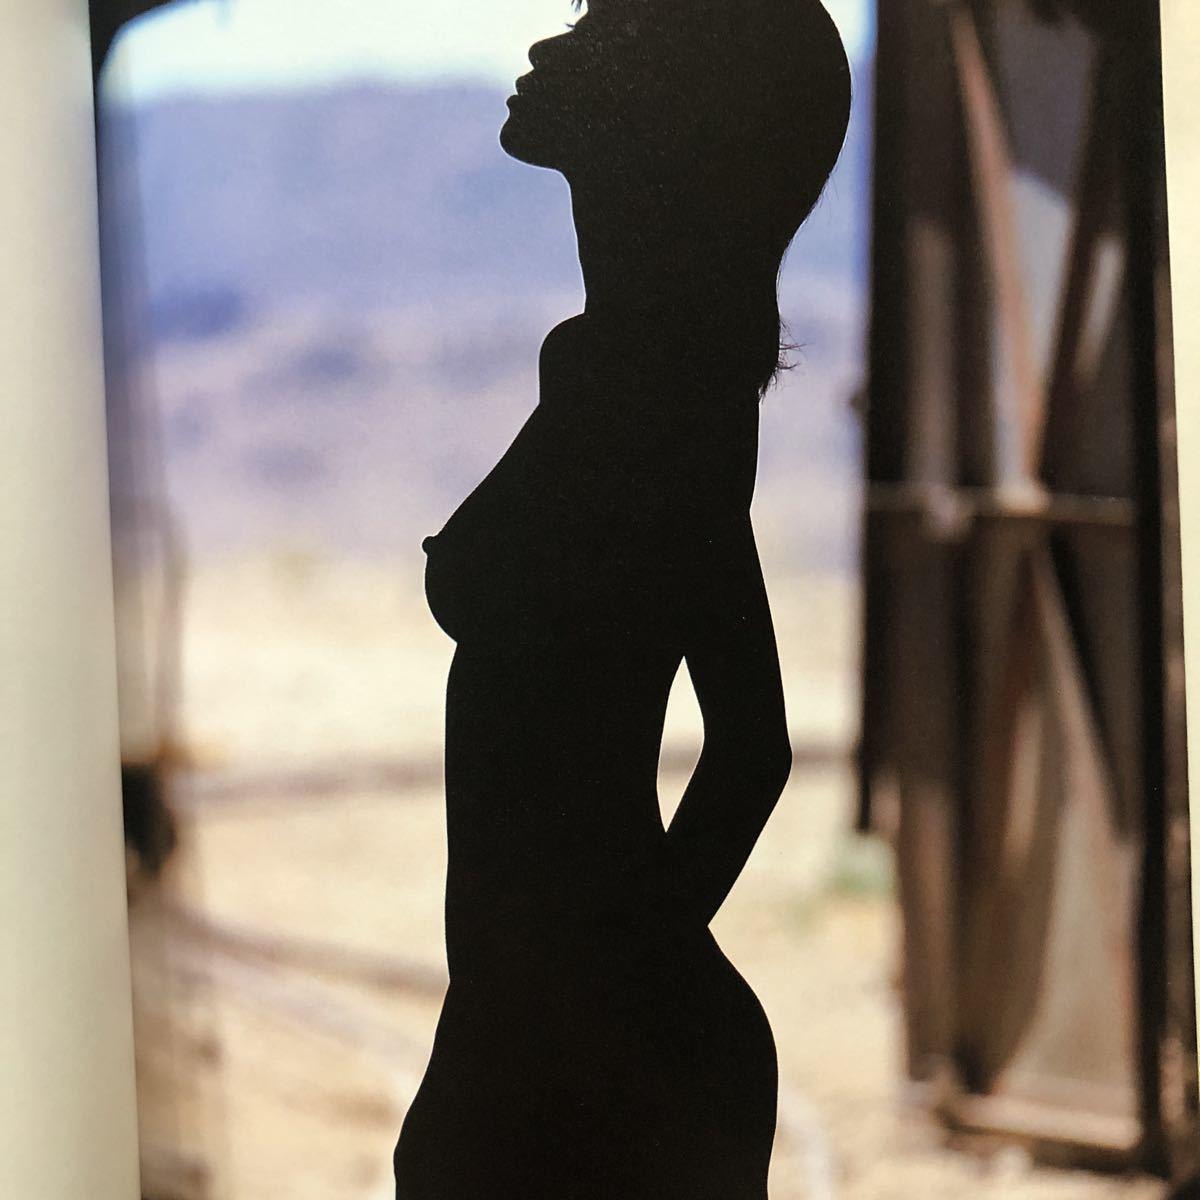 金澤あかね《design》写真集^_^女優乳房の形良いです最良の逸品です可愛い系綺麗な体最高ですこの天使一見の価値あり_画像3